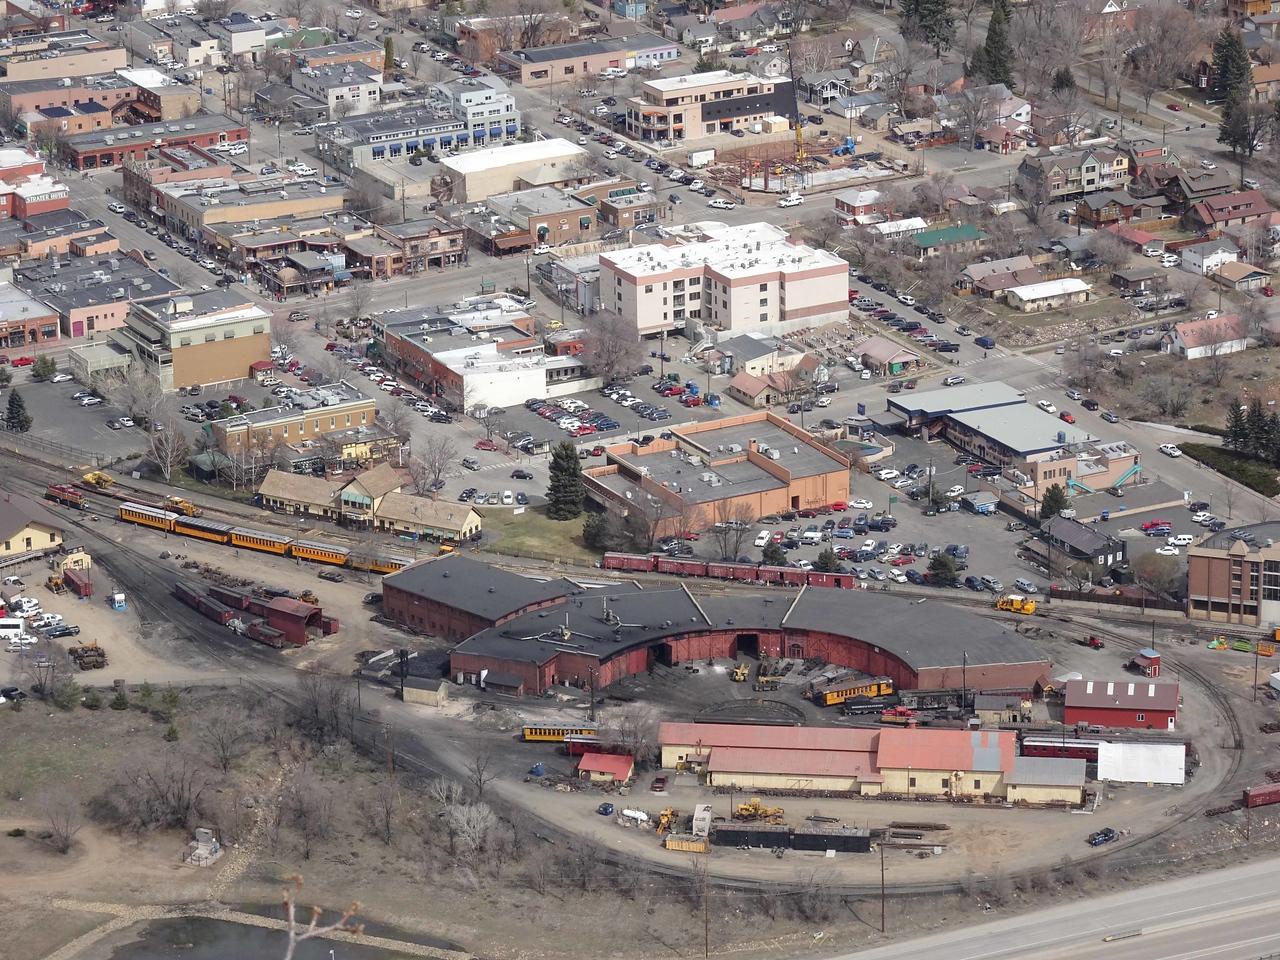 89 The train yard